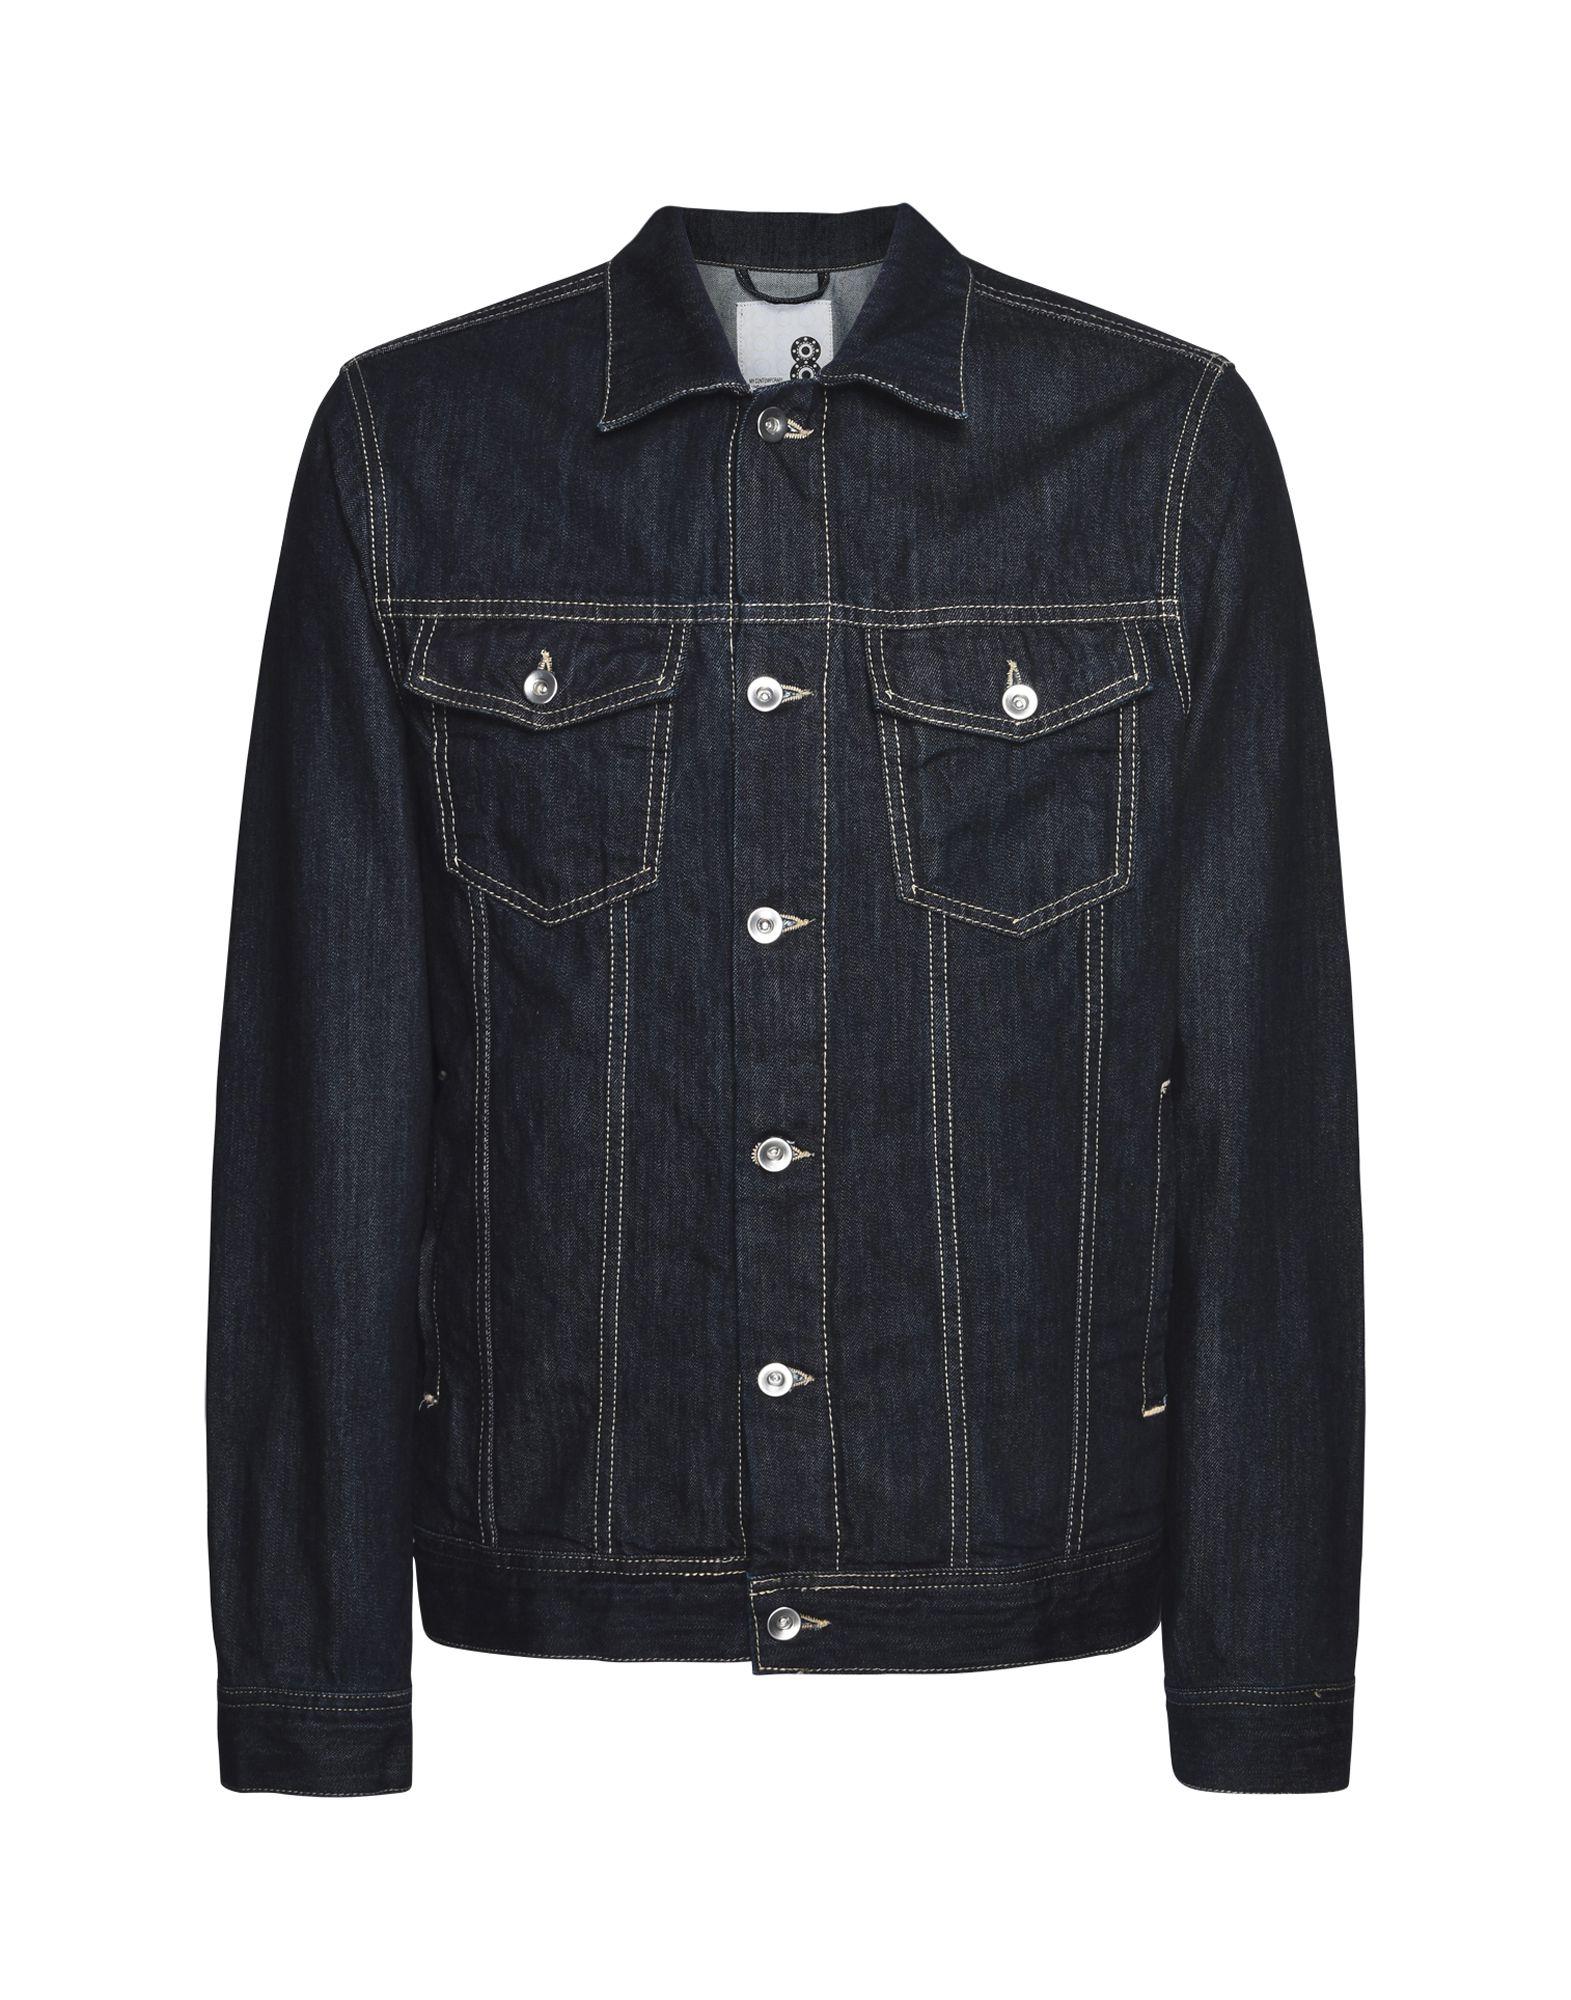 8 Джинсовая верхняя одежда wood wood джинсовая верхняя одежда